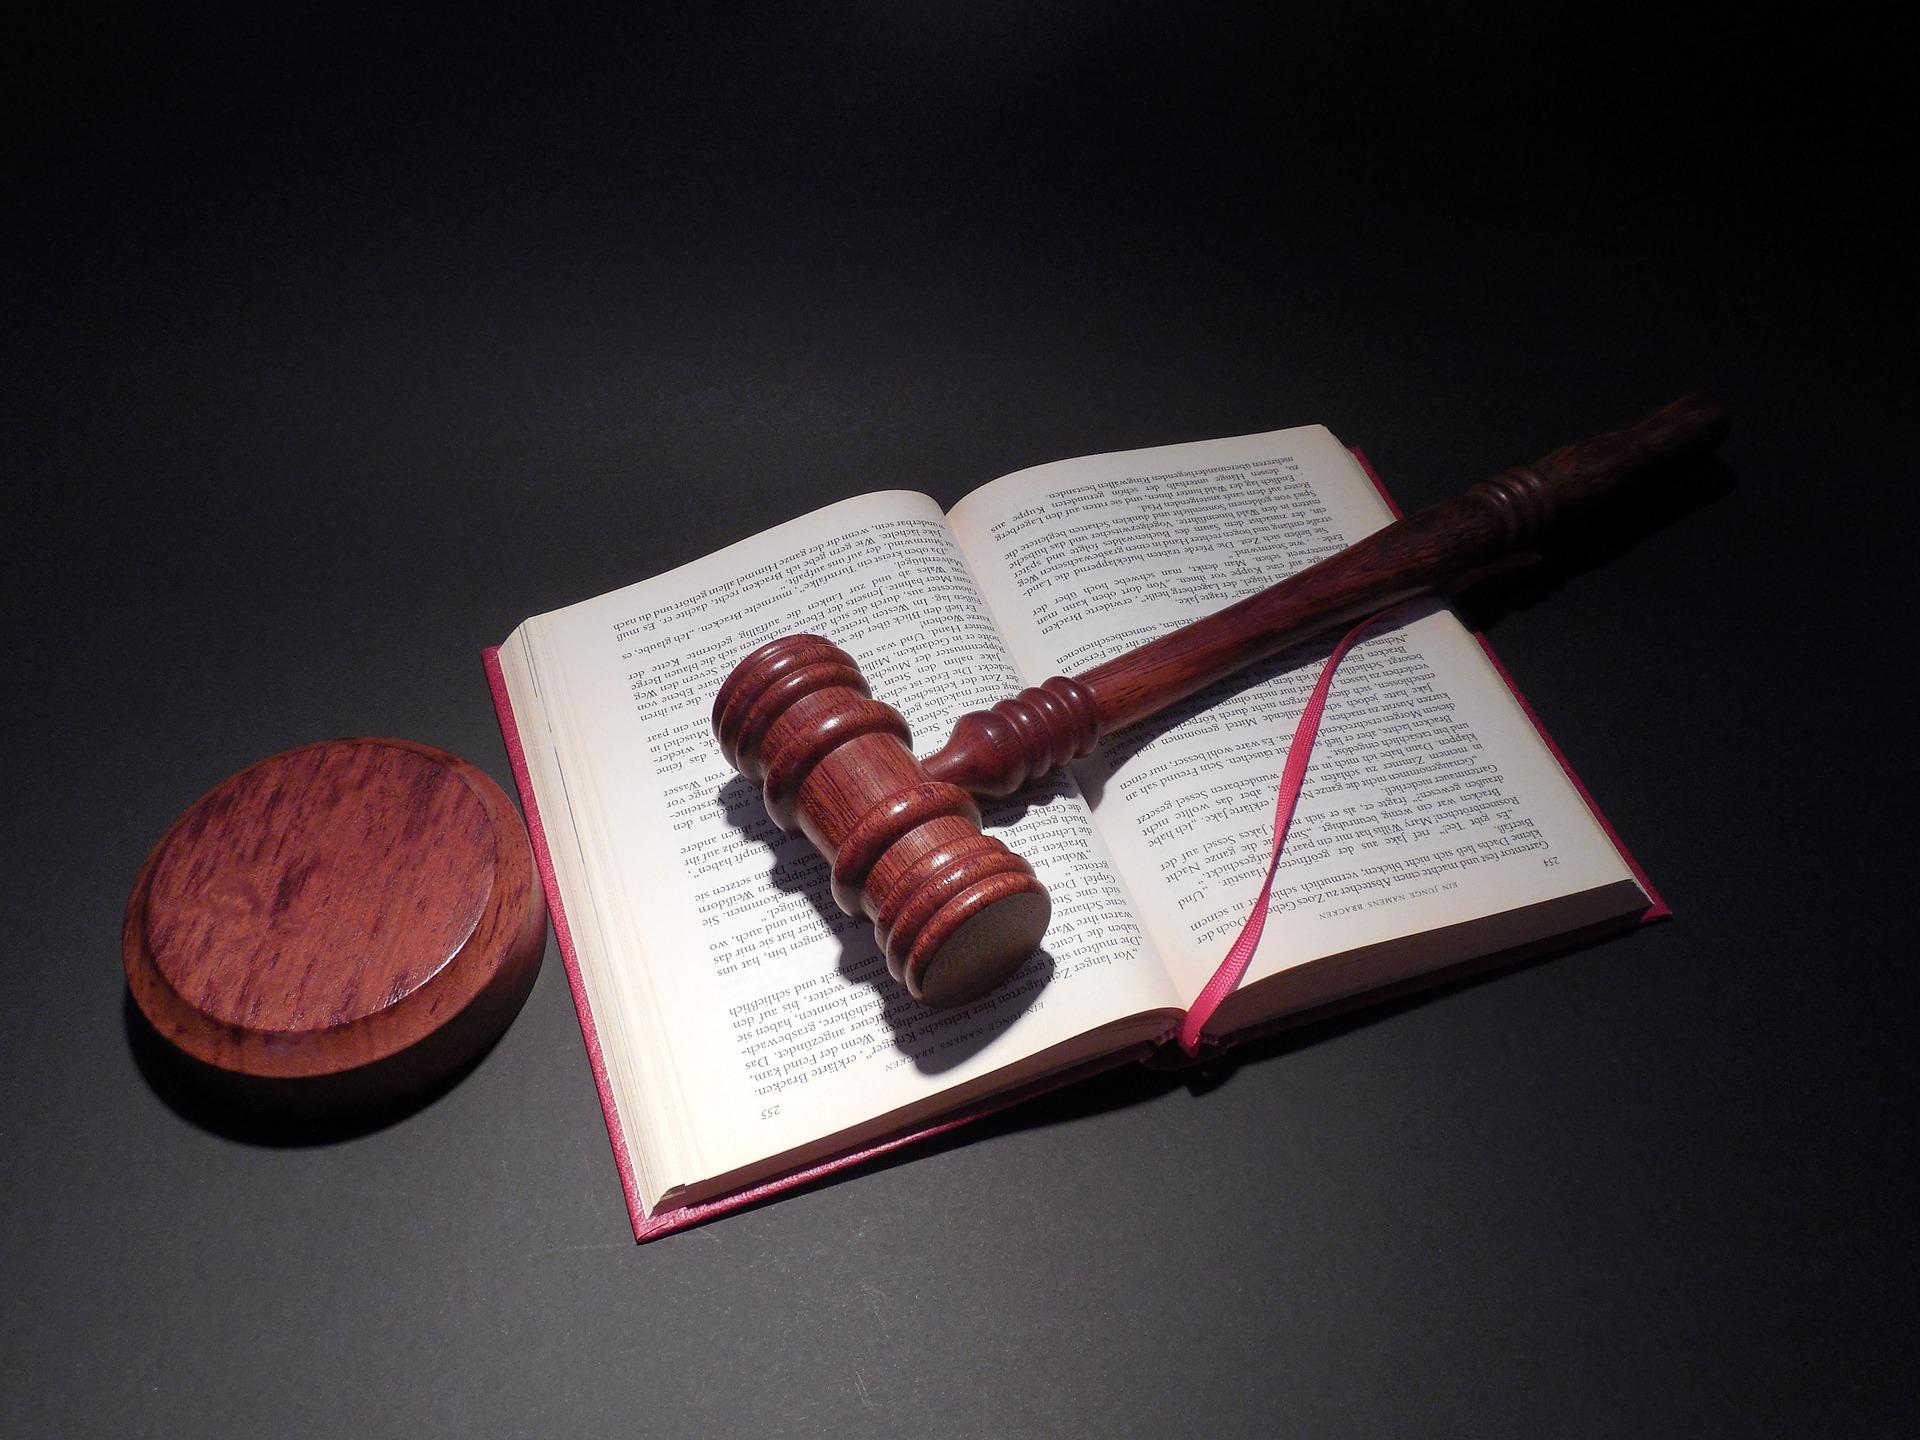 juicio de delitos leves